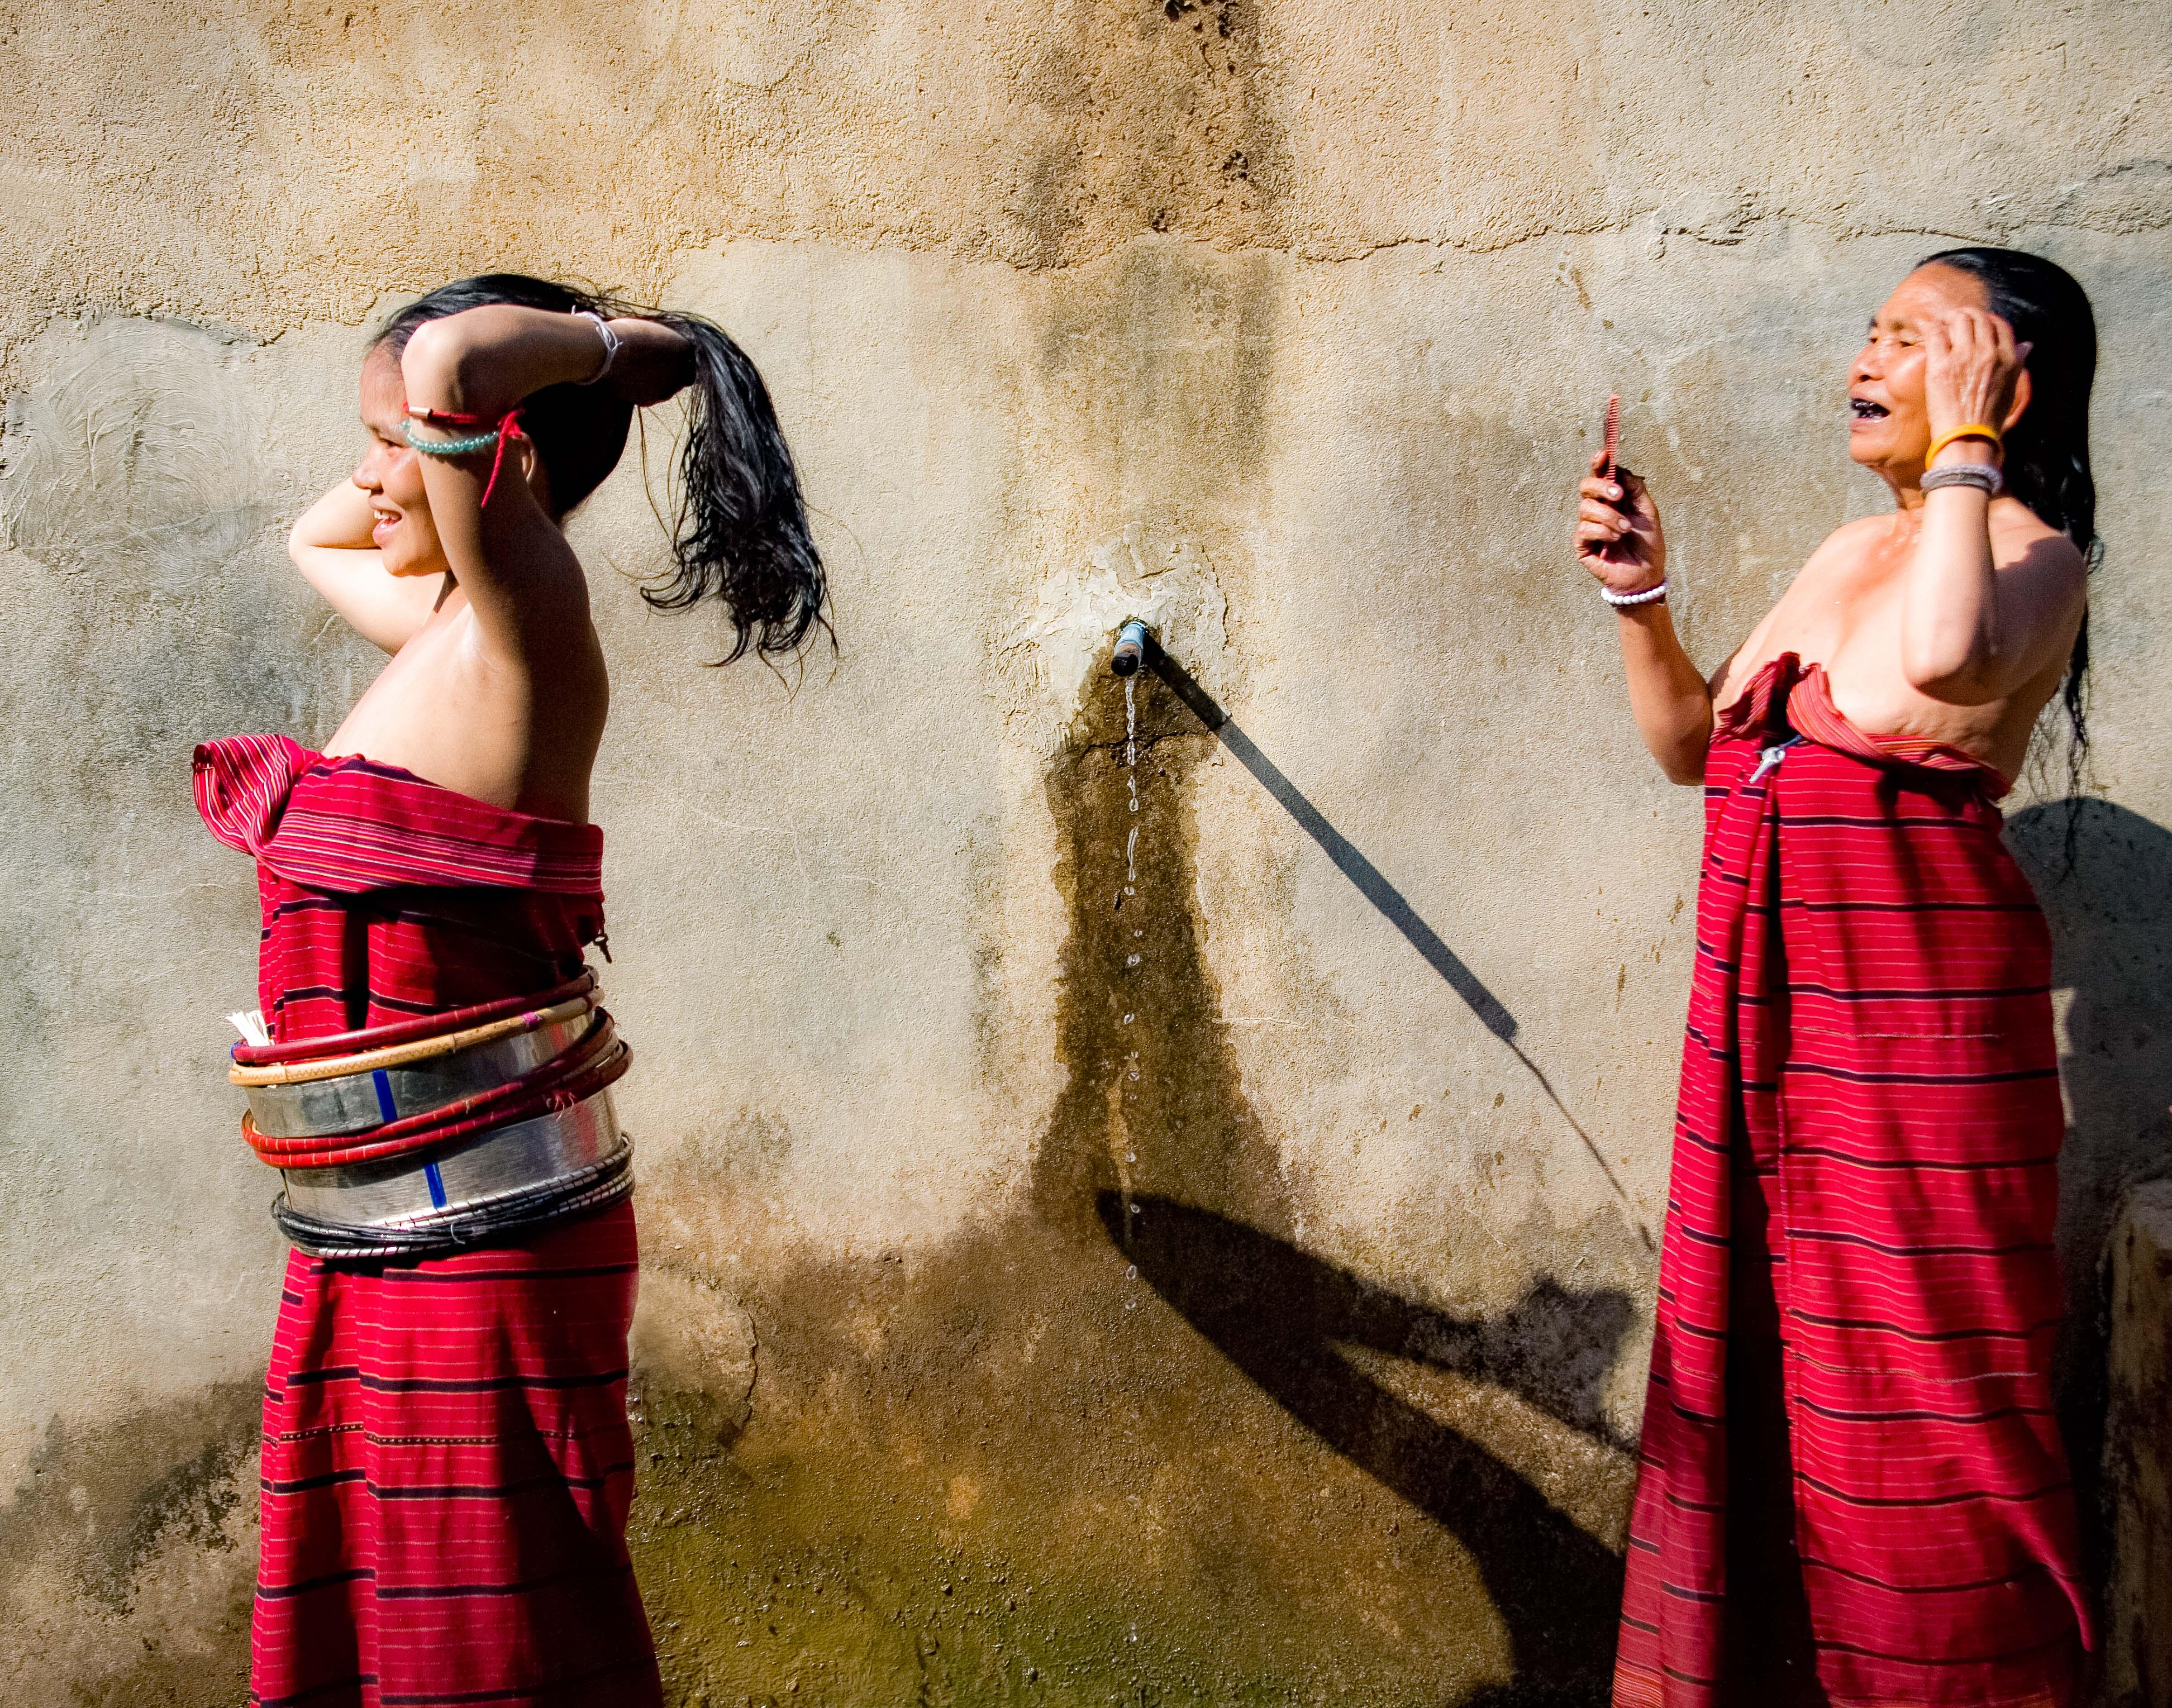 Myanmar, Shan Prov, Silver Paluang Girl Bathing, 2008, IMG 7441